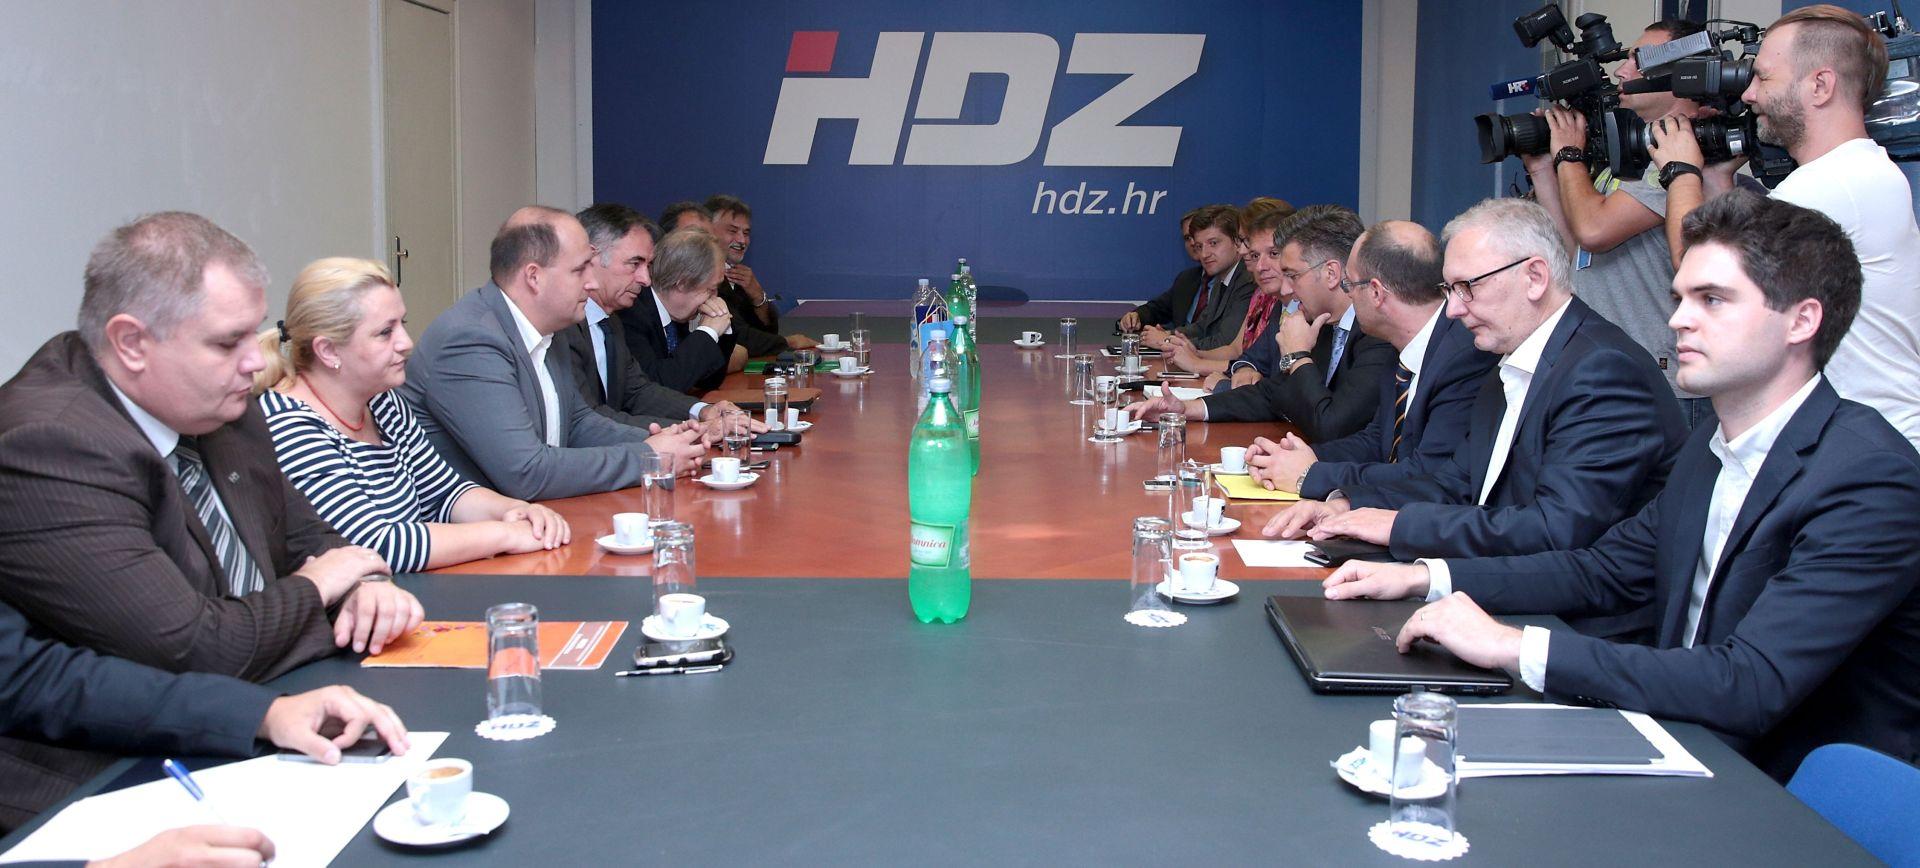 Pregovori HDZ-a i manjina odgođeni do konačnog dogovora s Mostom